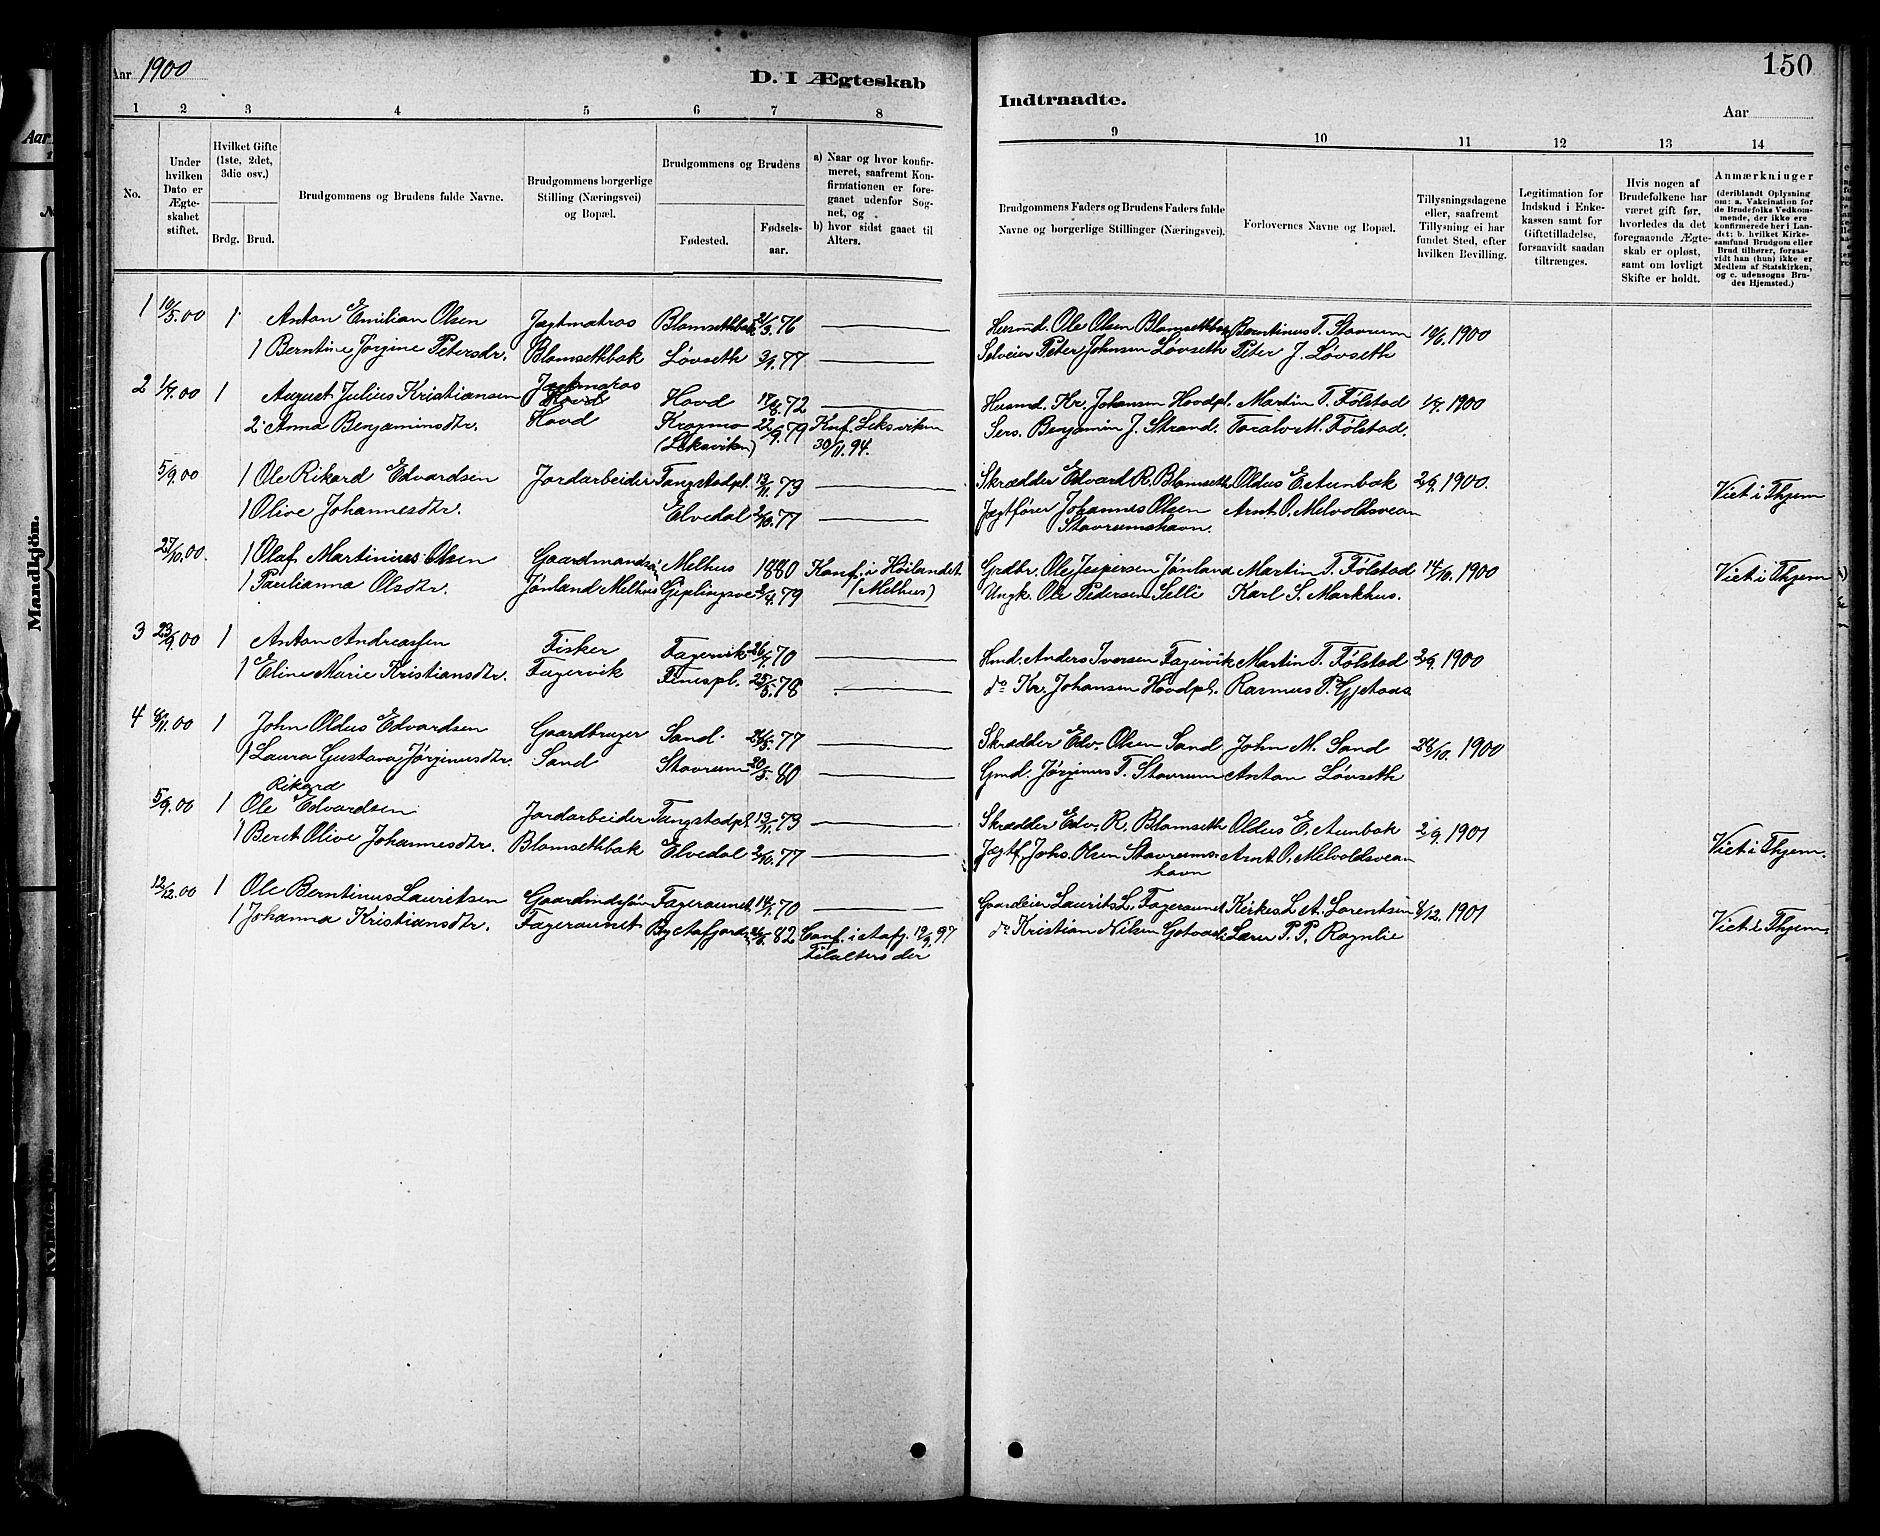 SAT, Ministerialprotokoller, klokkerbøker og fødselsregistre - Nord-Trøndelag, 744/L0423: Klokkerbok nr. 744C02, 1886-1905, s. 150